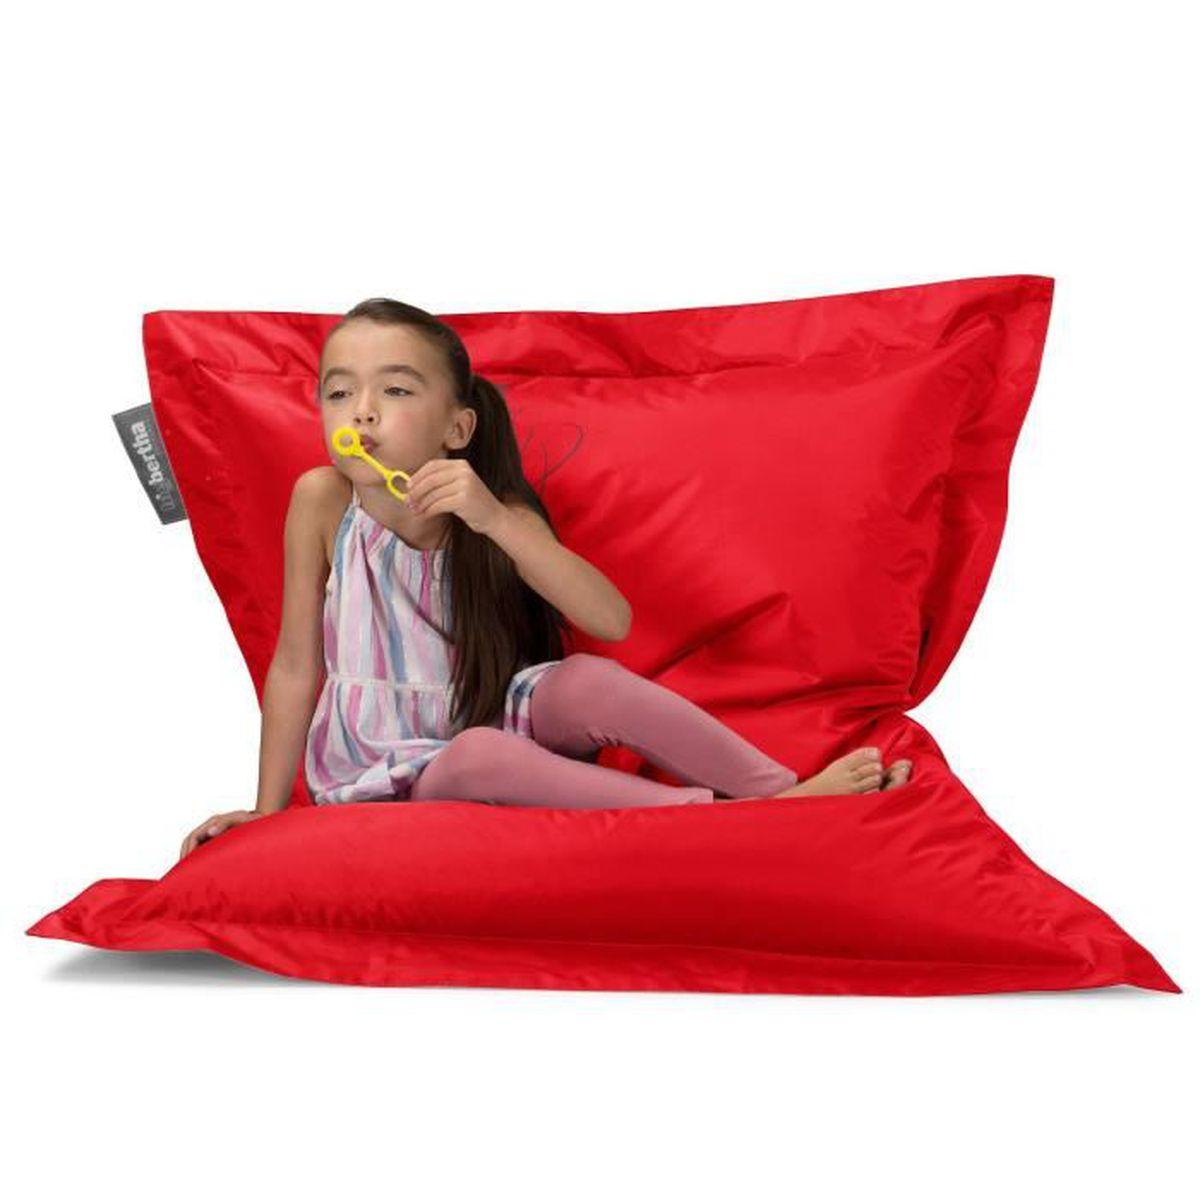 pouf g ant rouge achat vente pouf poire cdiscount. Black Bedroom Furniture Sets. Home Design Ideas